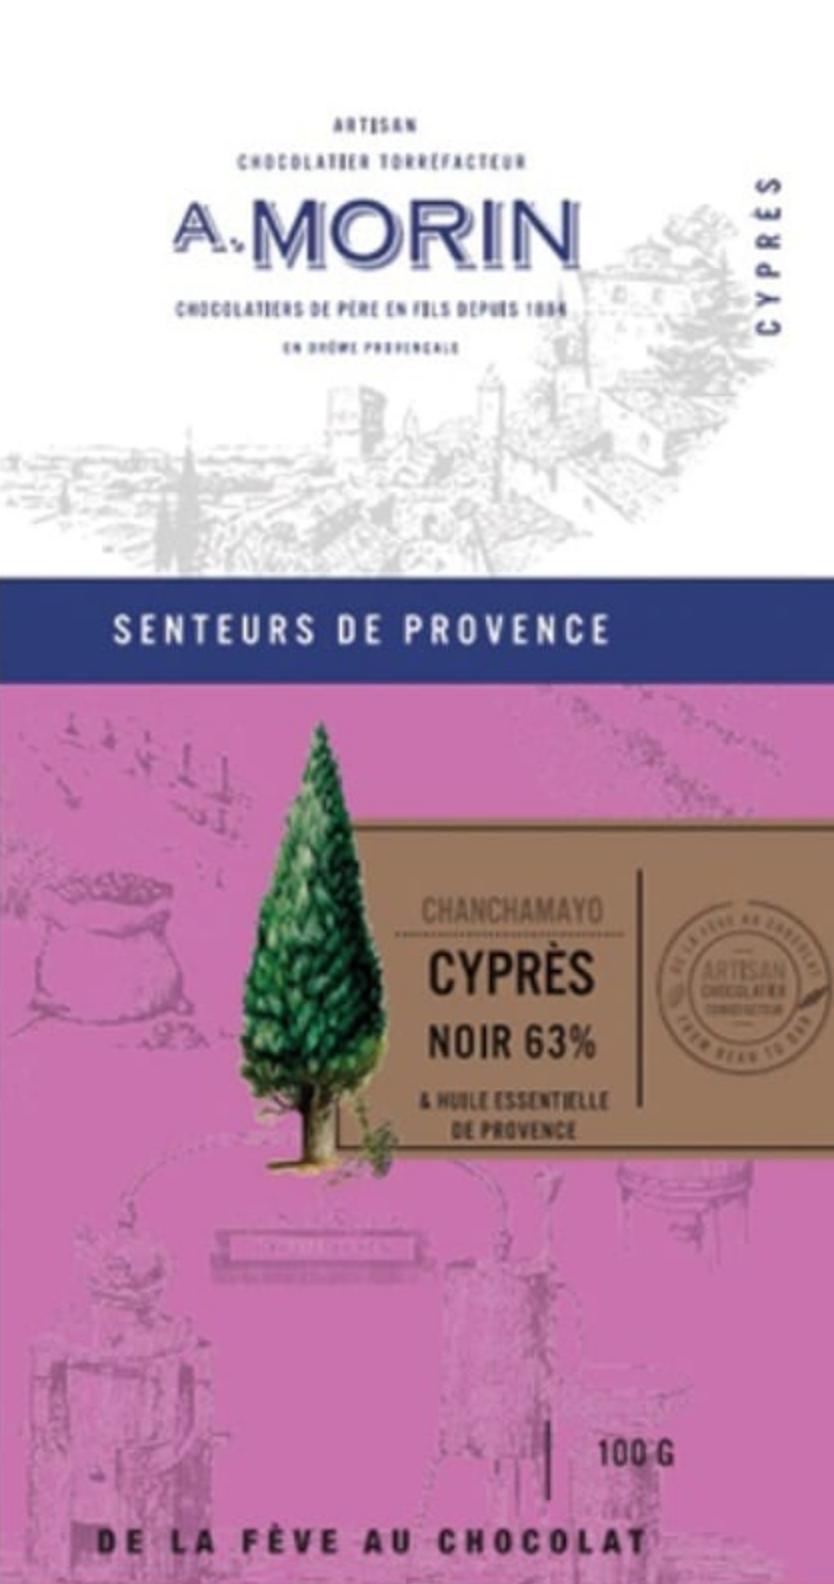 A. MORIN | Schokolade Chanchamayo »Cypres« 63%